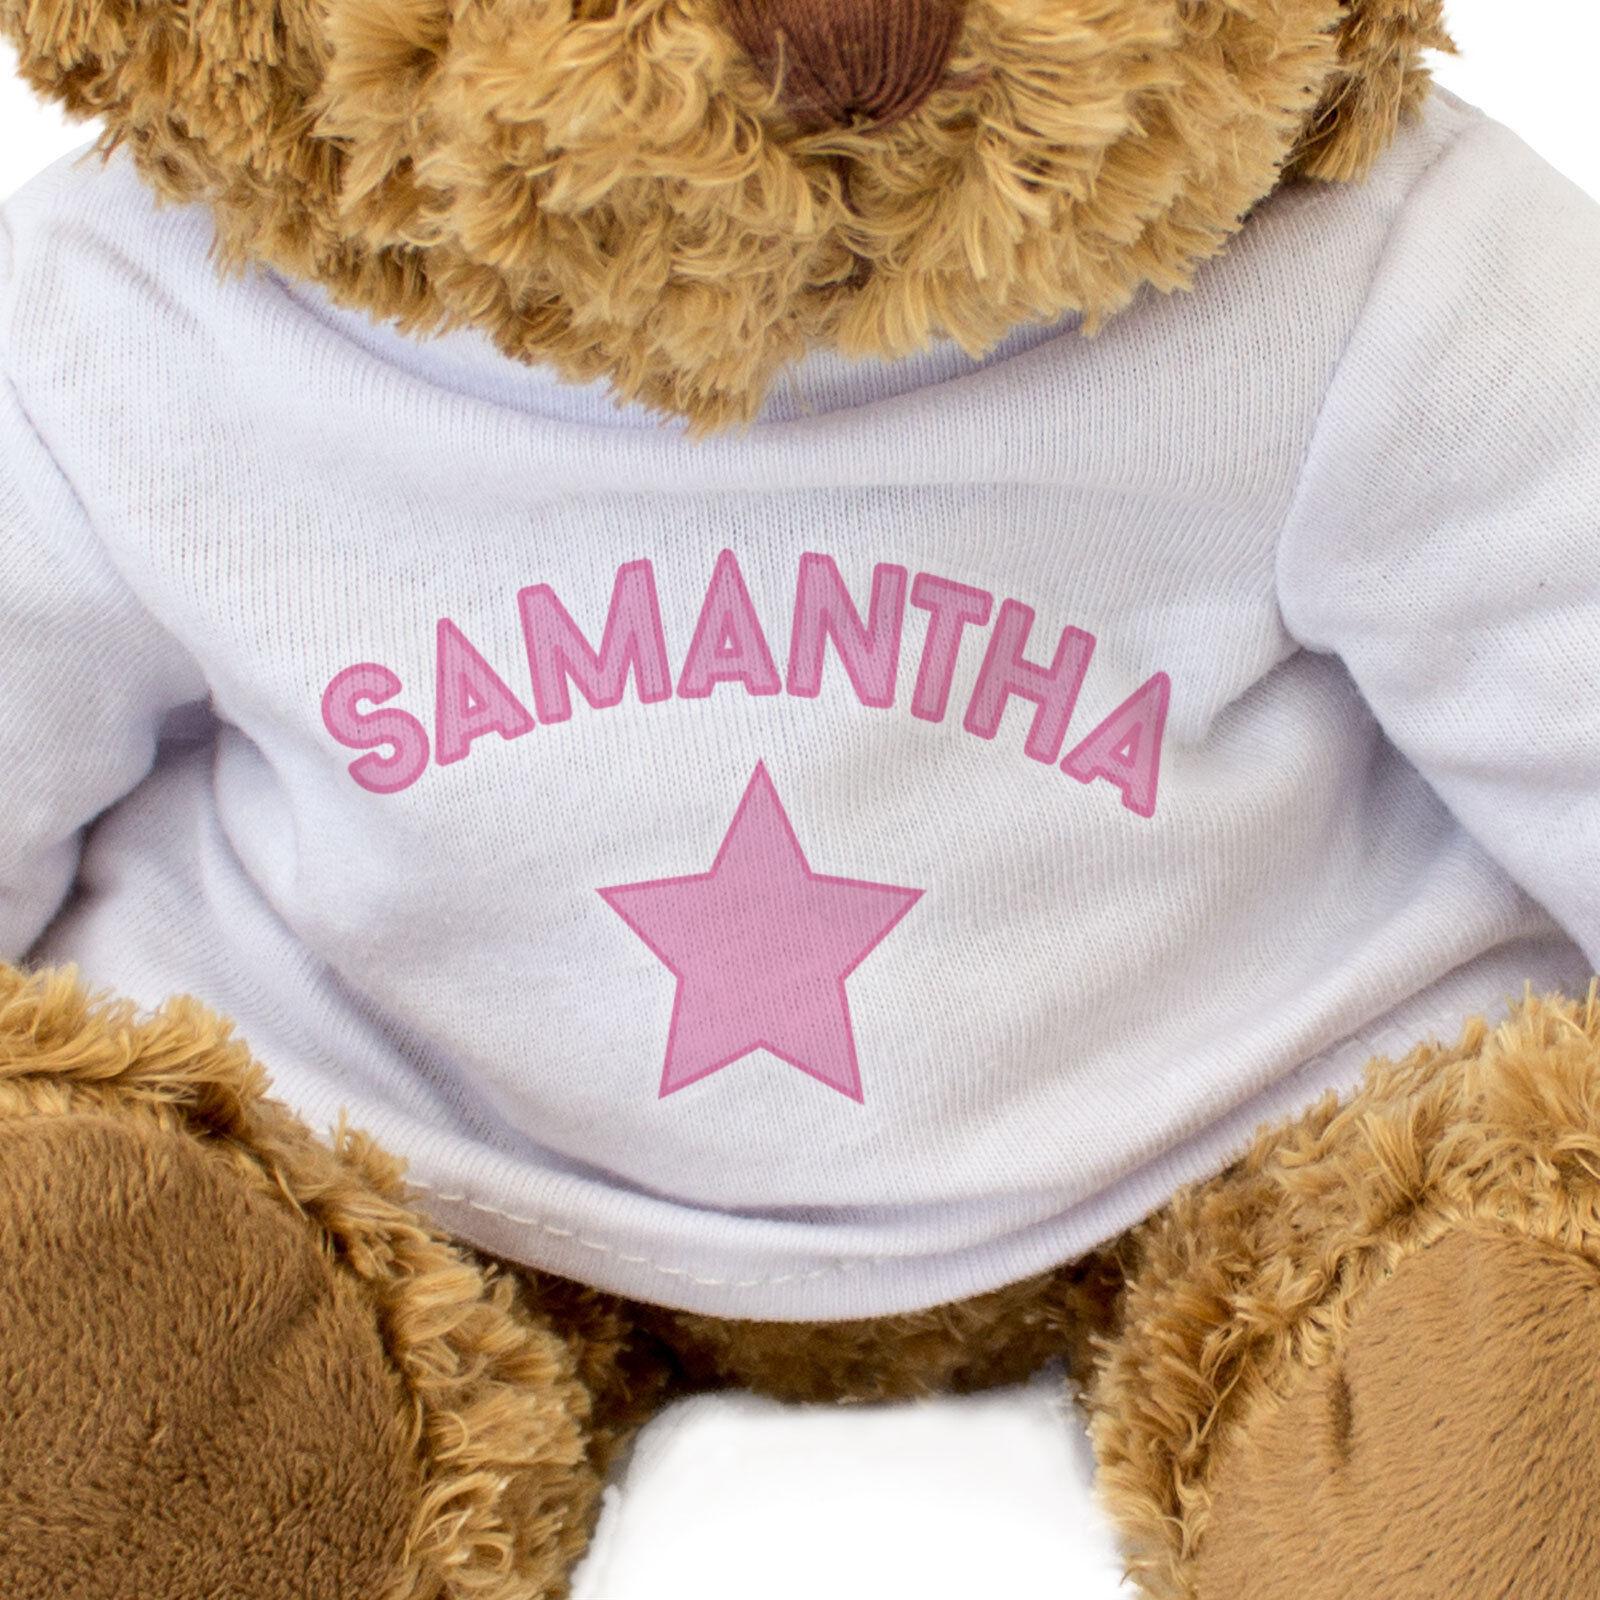 Nuevo - Samantha - Oso de Peluche - Lindo Lindo Lindo y Tierno - Regalo Presente 09c985